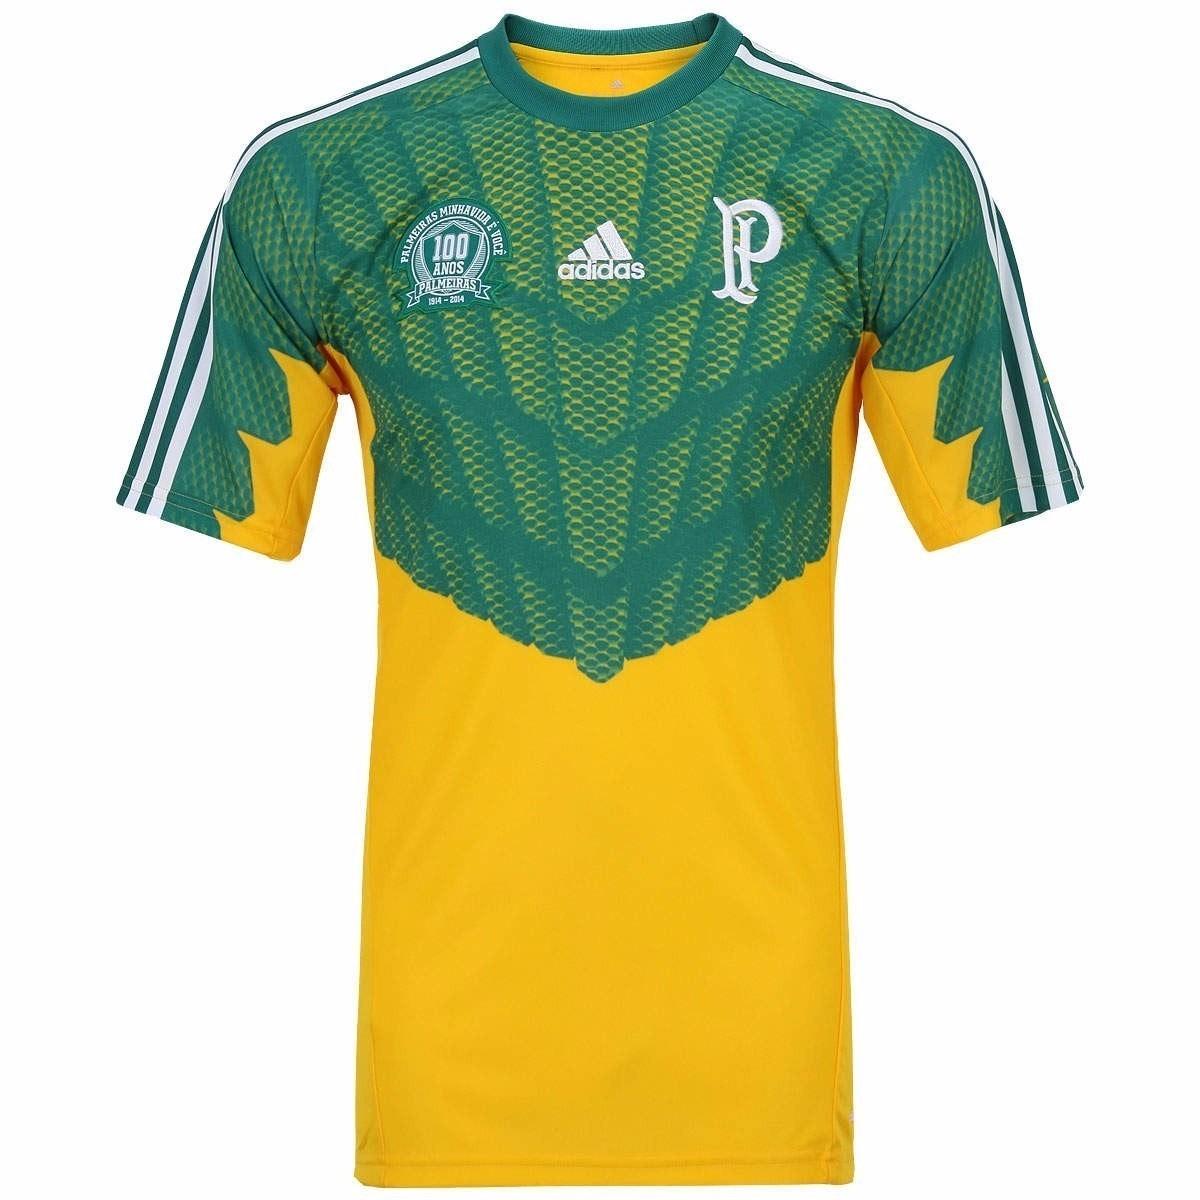 5f3bc5a0ed camisa palmeiras goleiro 2014 - centenário - frete grátis. Carregando zoom.